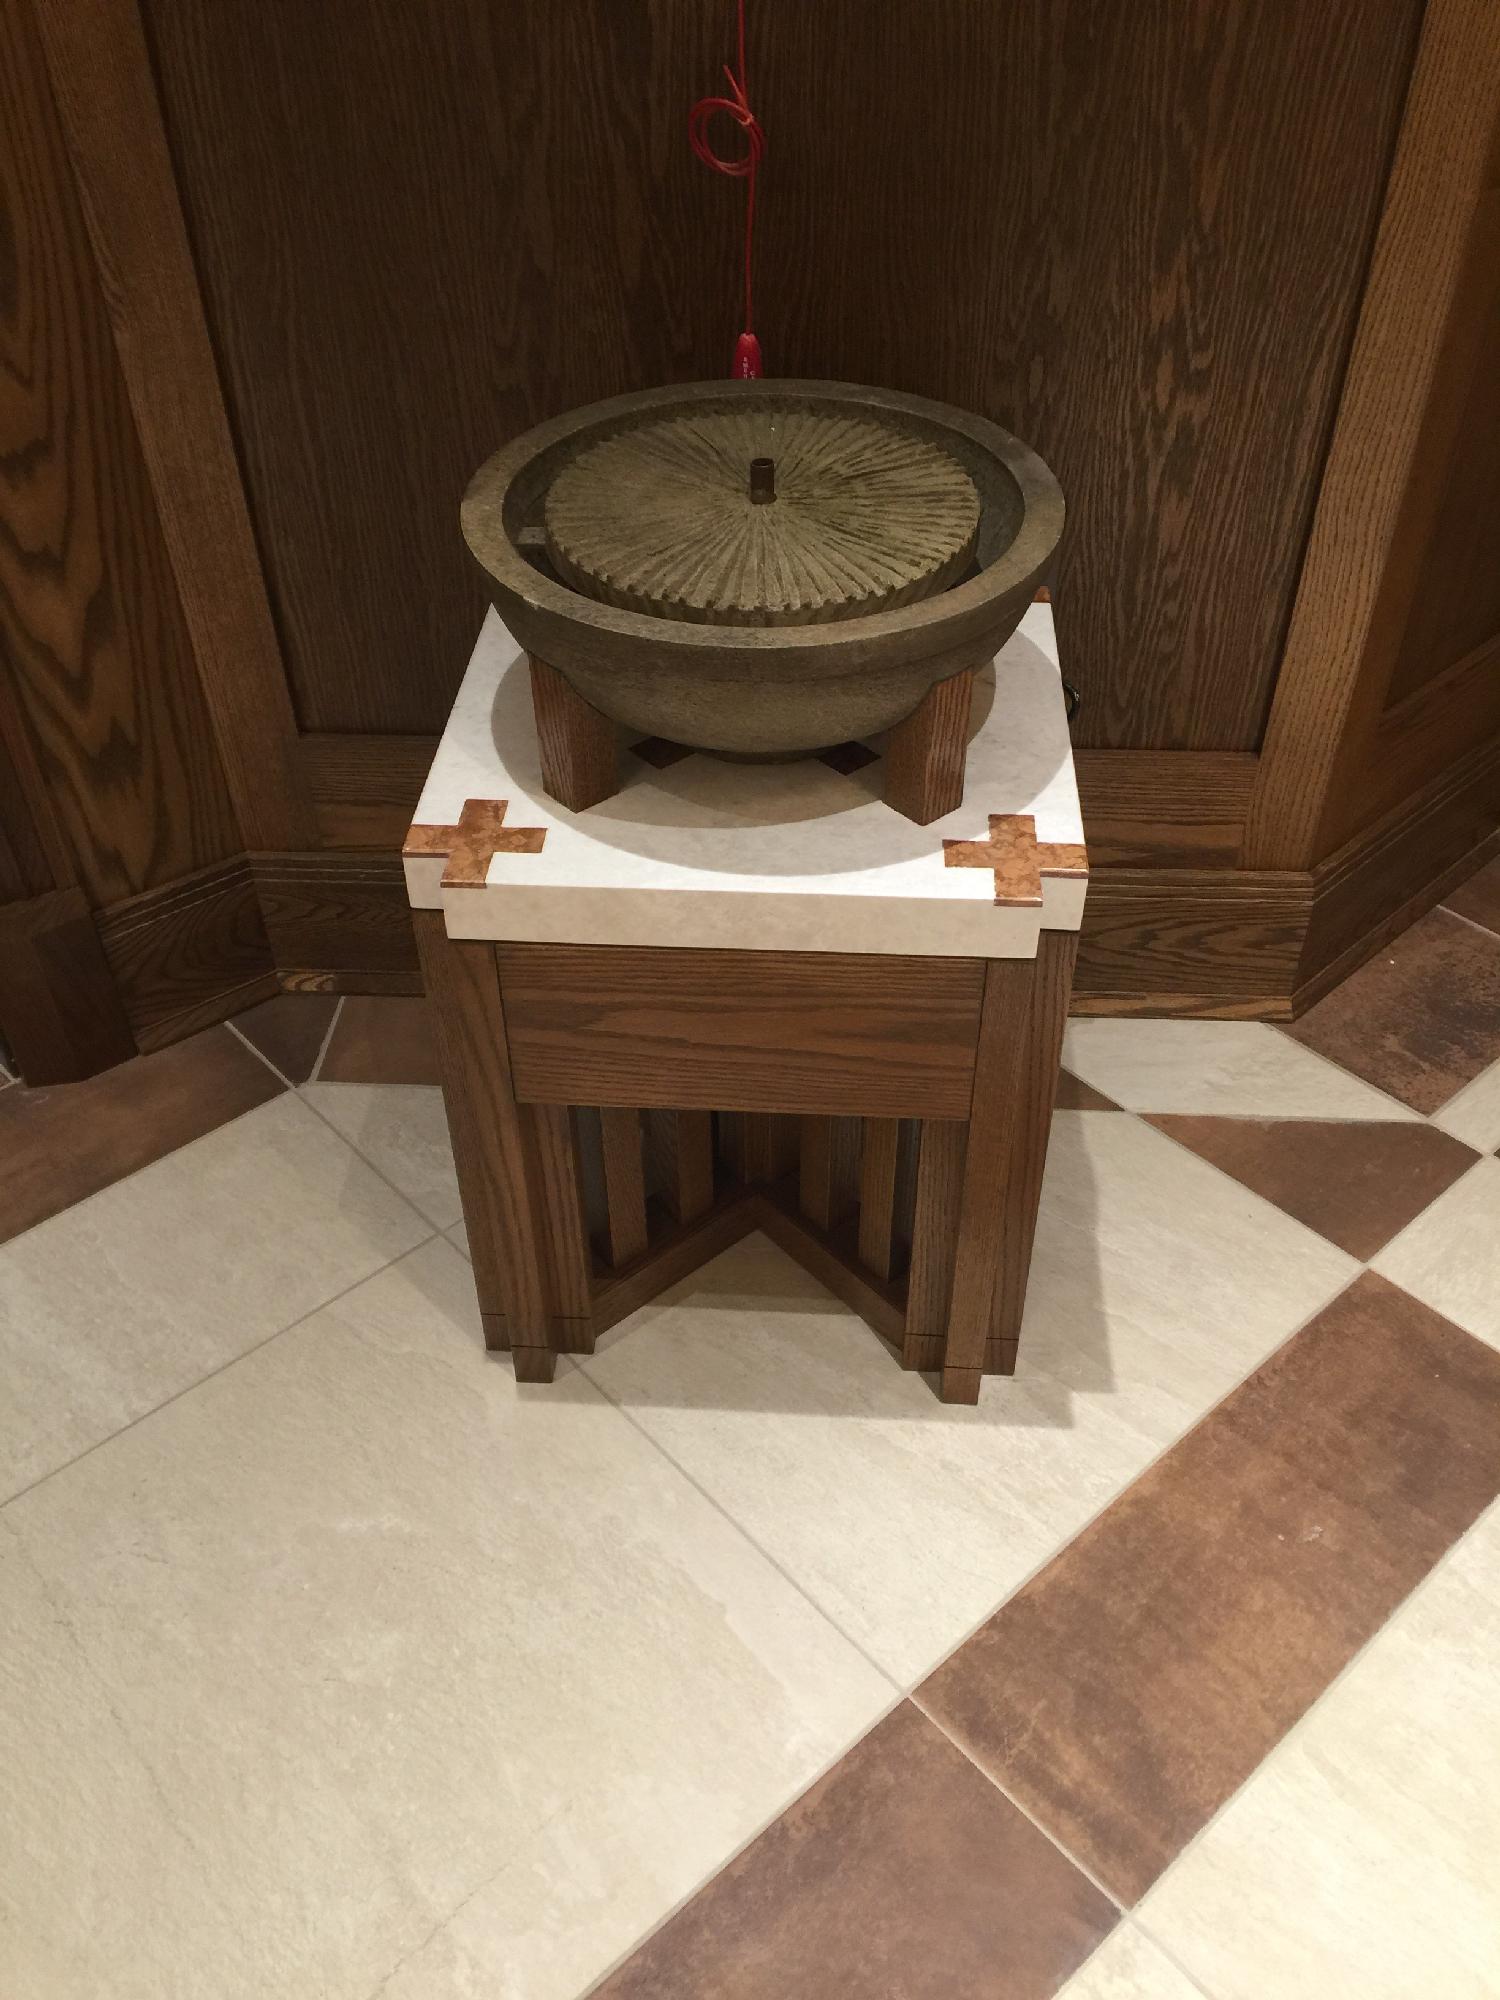 Cardinal Egan Chapel, Riverdale, NY